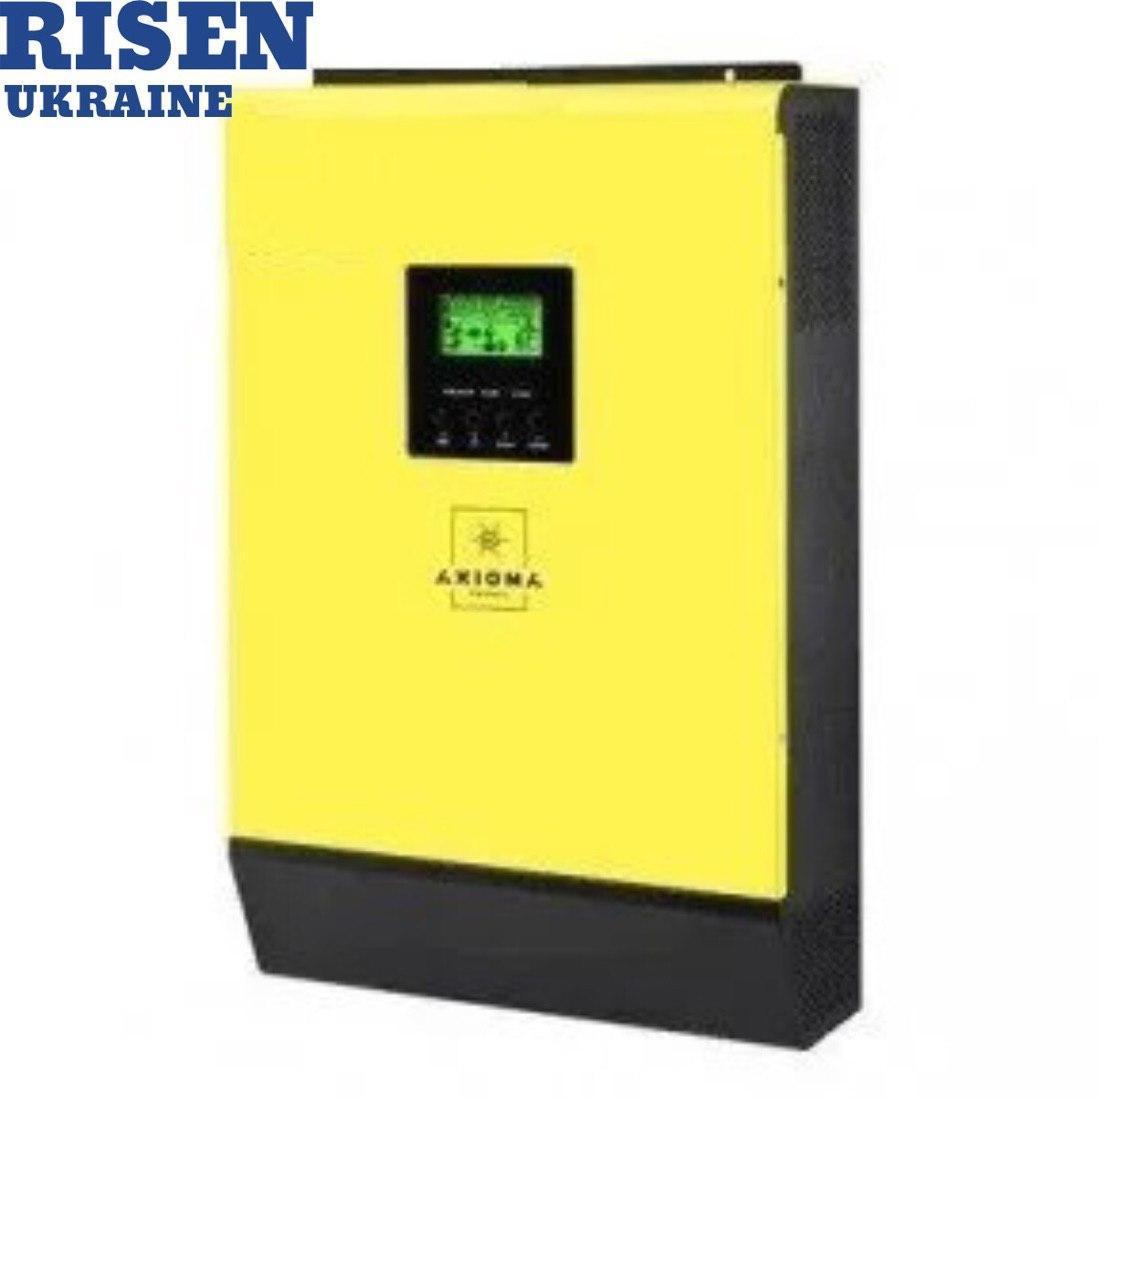 Інвертор гібридний сонячний AXIOMA energy ISGRID 3000 3кВт 1 фаза 1МРРТ